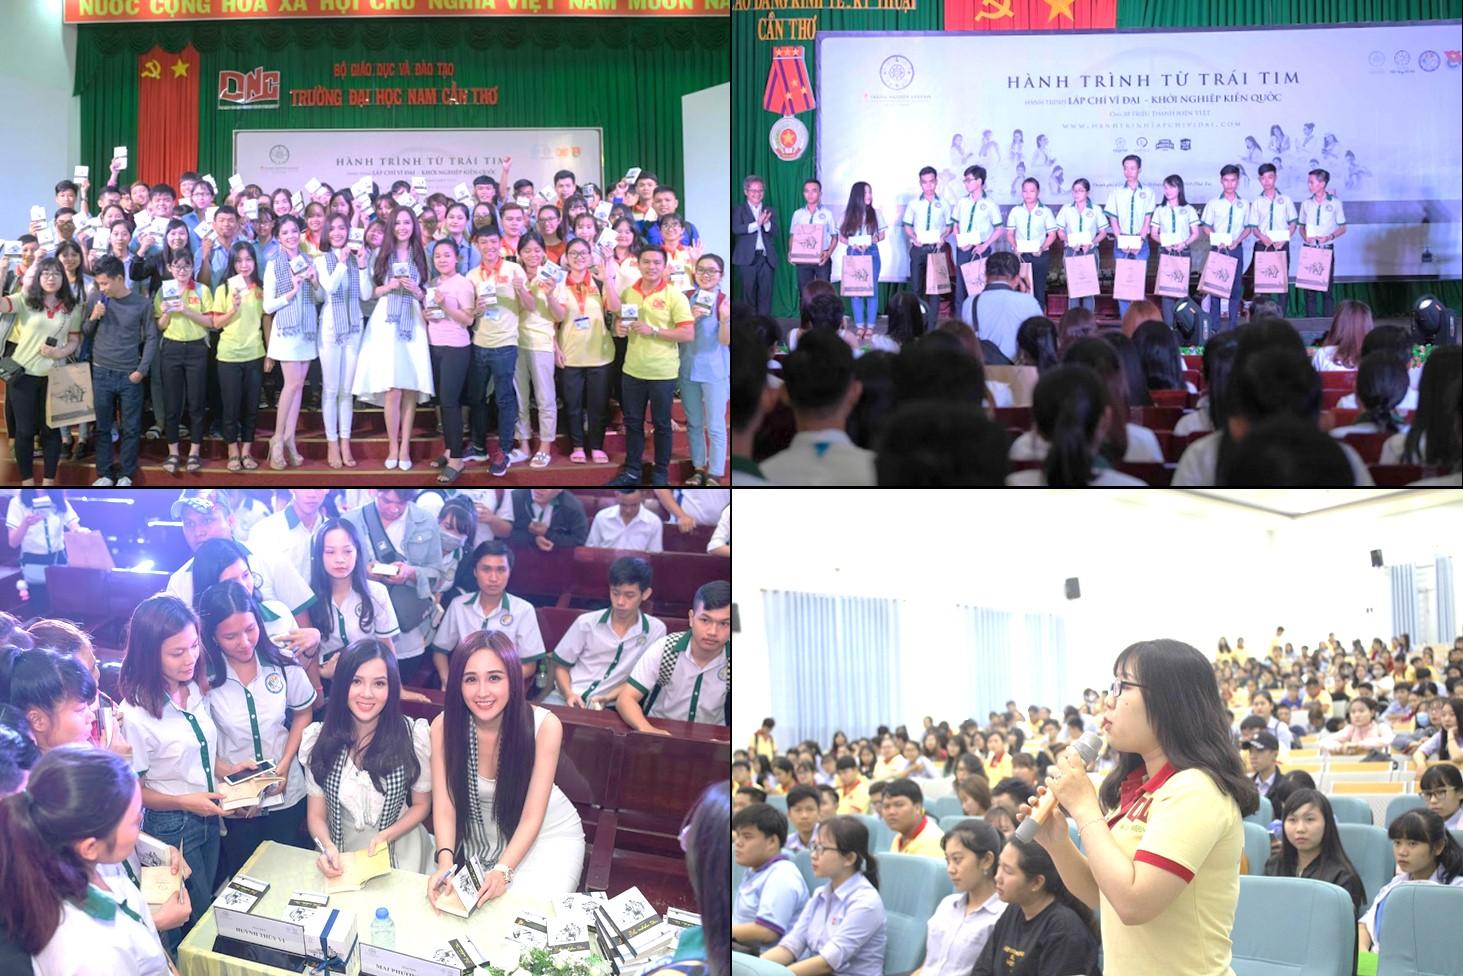 Hành trình Từ Trái Tim đến các trường đại học tại Cần Thơ với sự tham gia của Hoa hậu Mai Phương Thúy, Ca sĩ Ái Phương và Hoa khôi Thúy Vi đã thu hút hàng trăm sinh viên và thanh niên tham dự